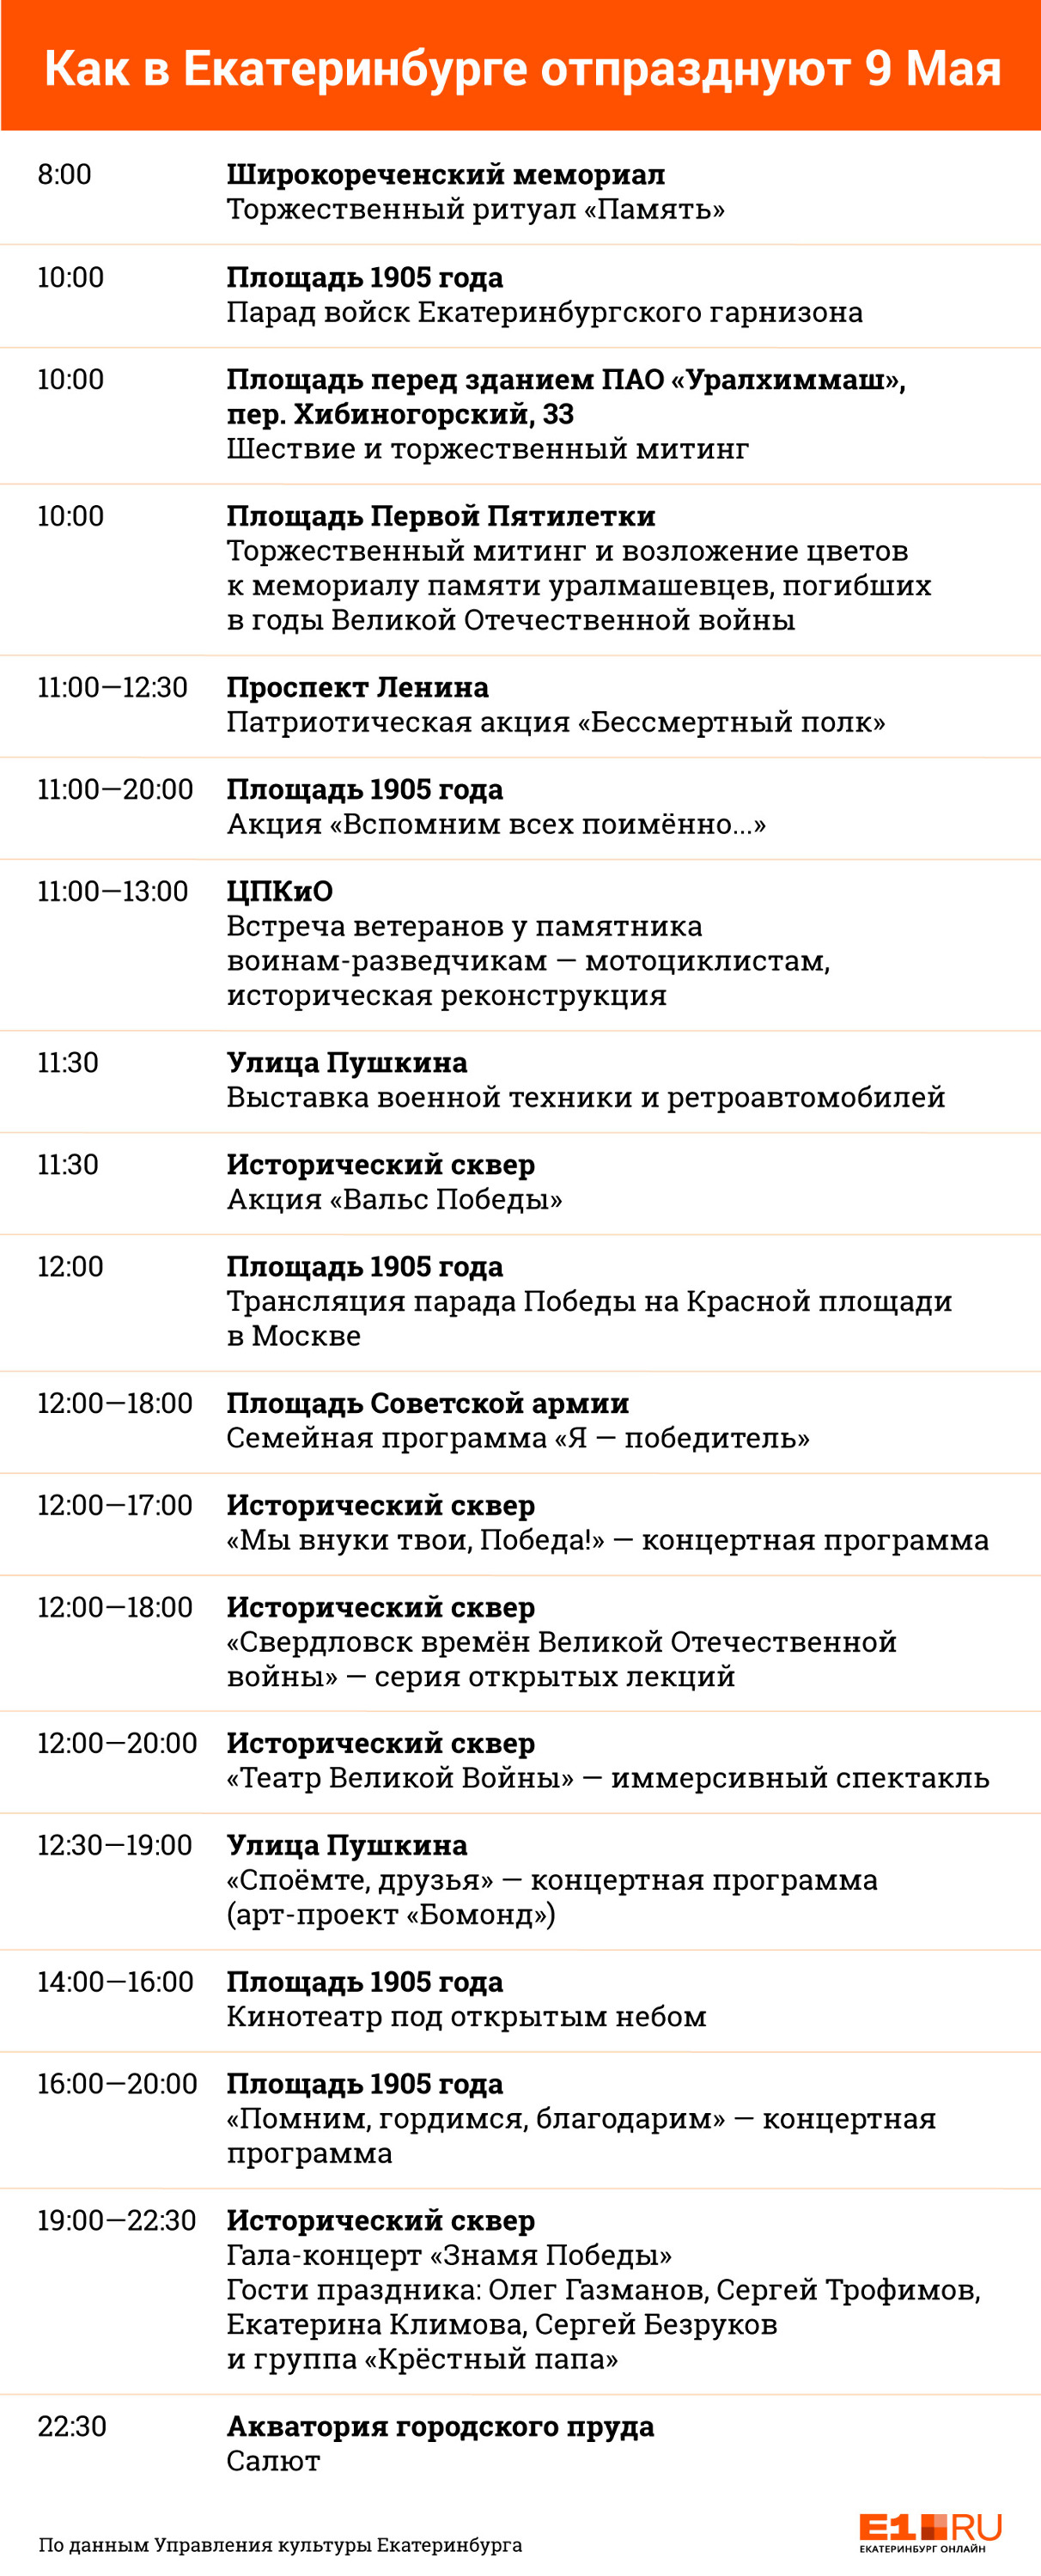 Где смотреть на Безрукова с Газмановым и какие улицы перекроют: гид по 9 Мая в Екатеринбурге